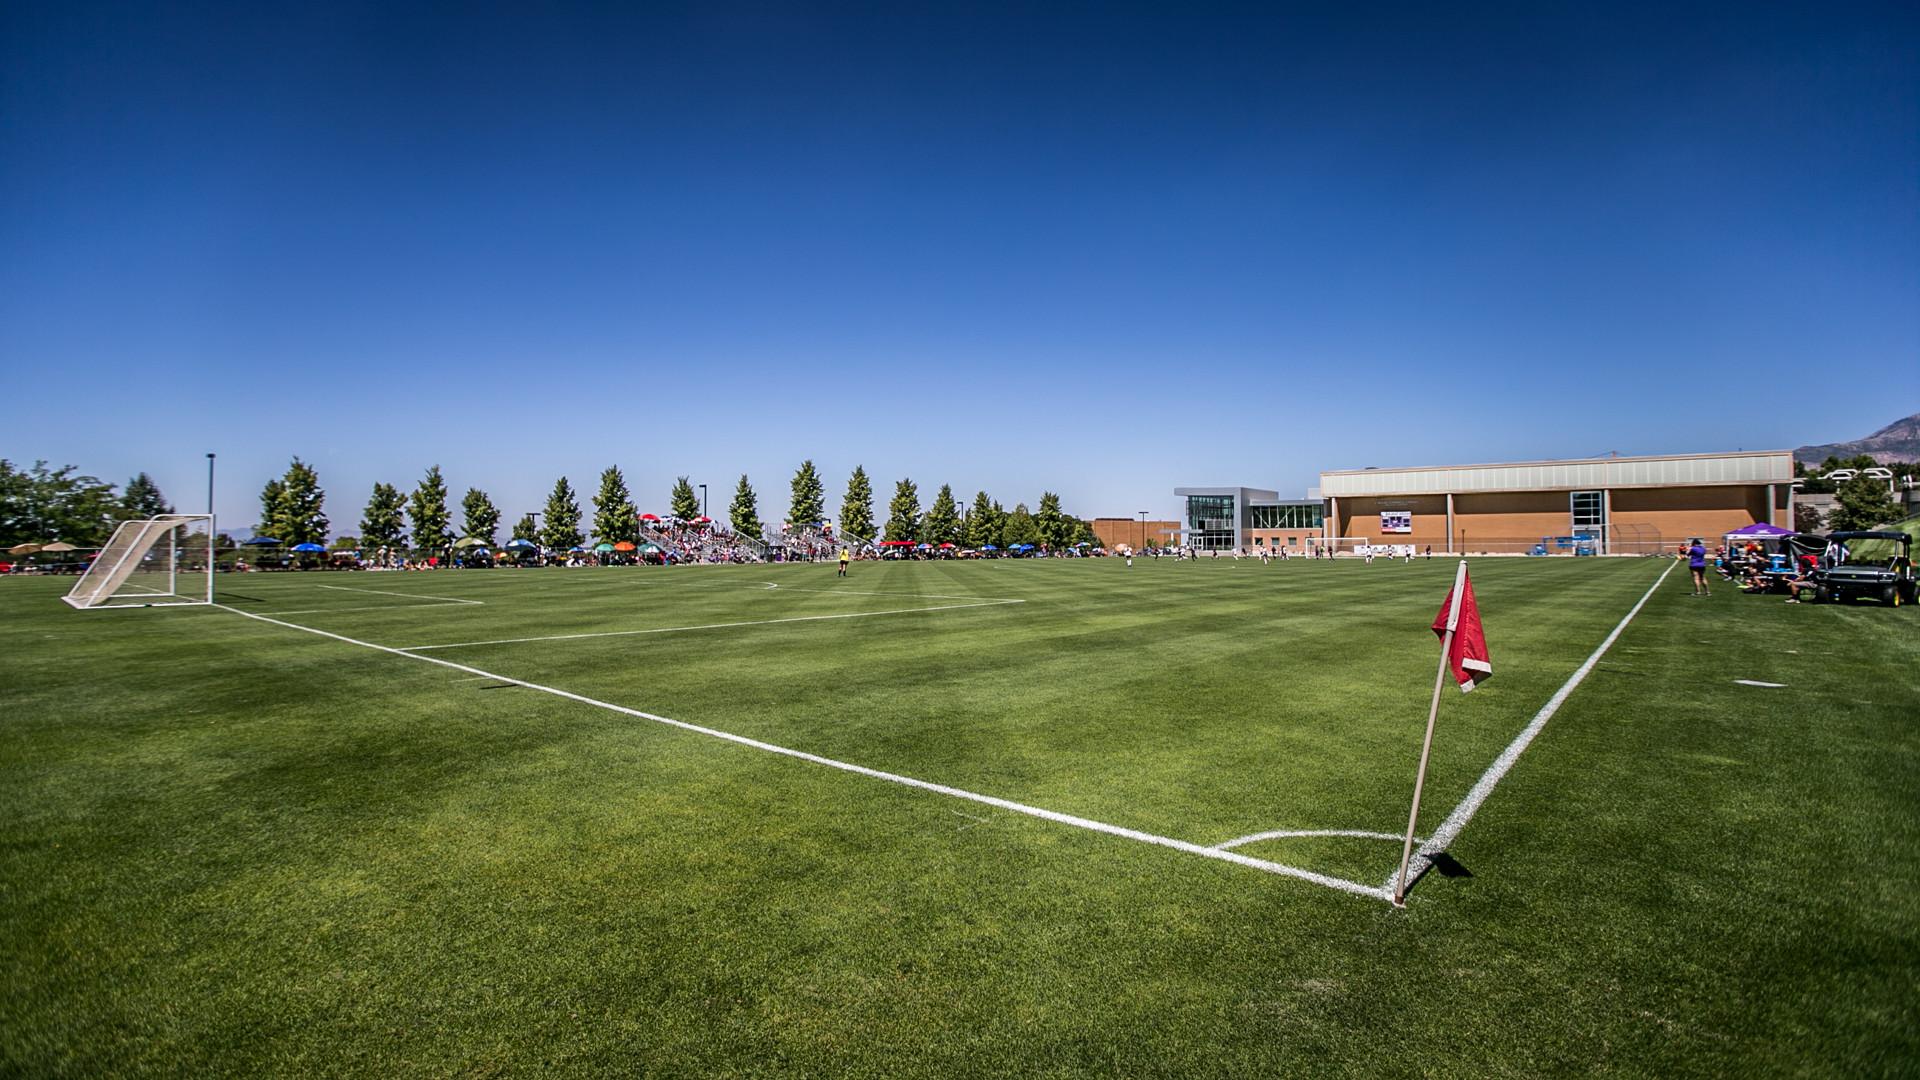 super soccer field wallpaper